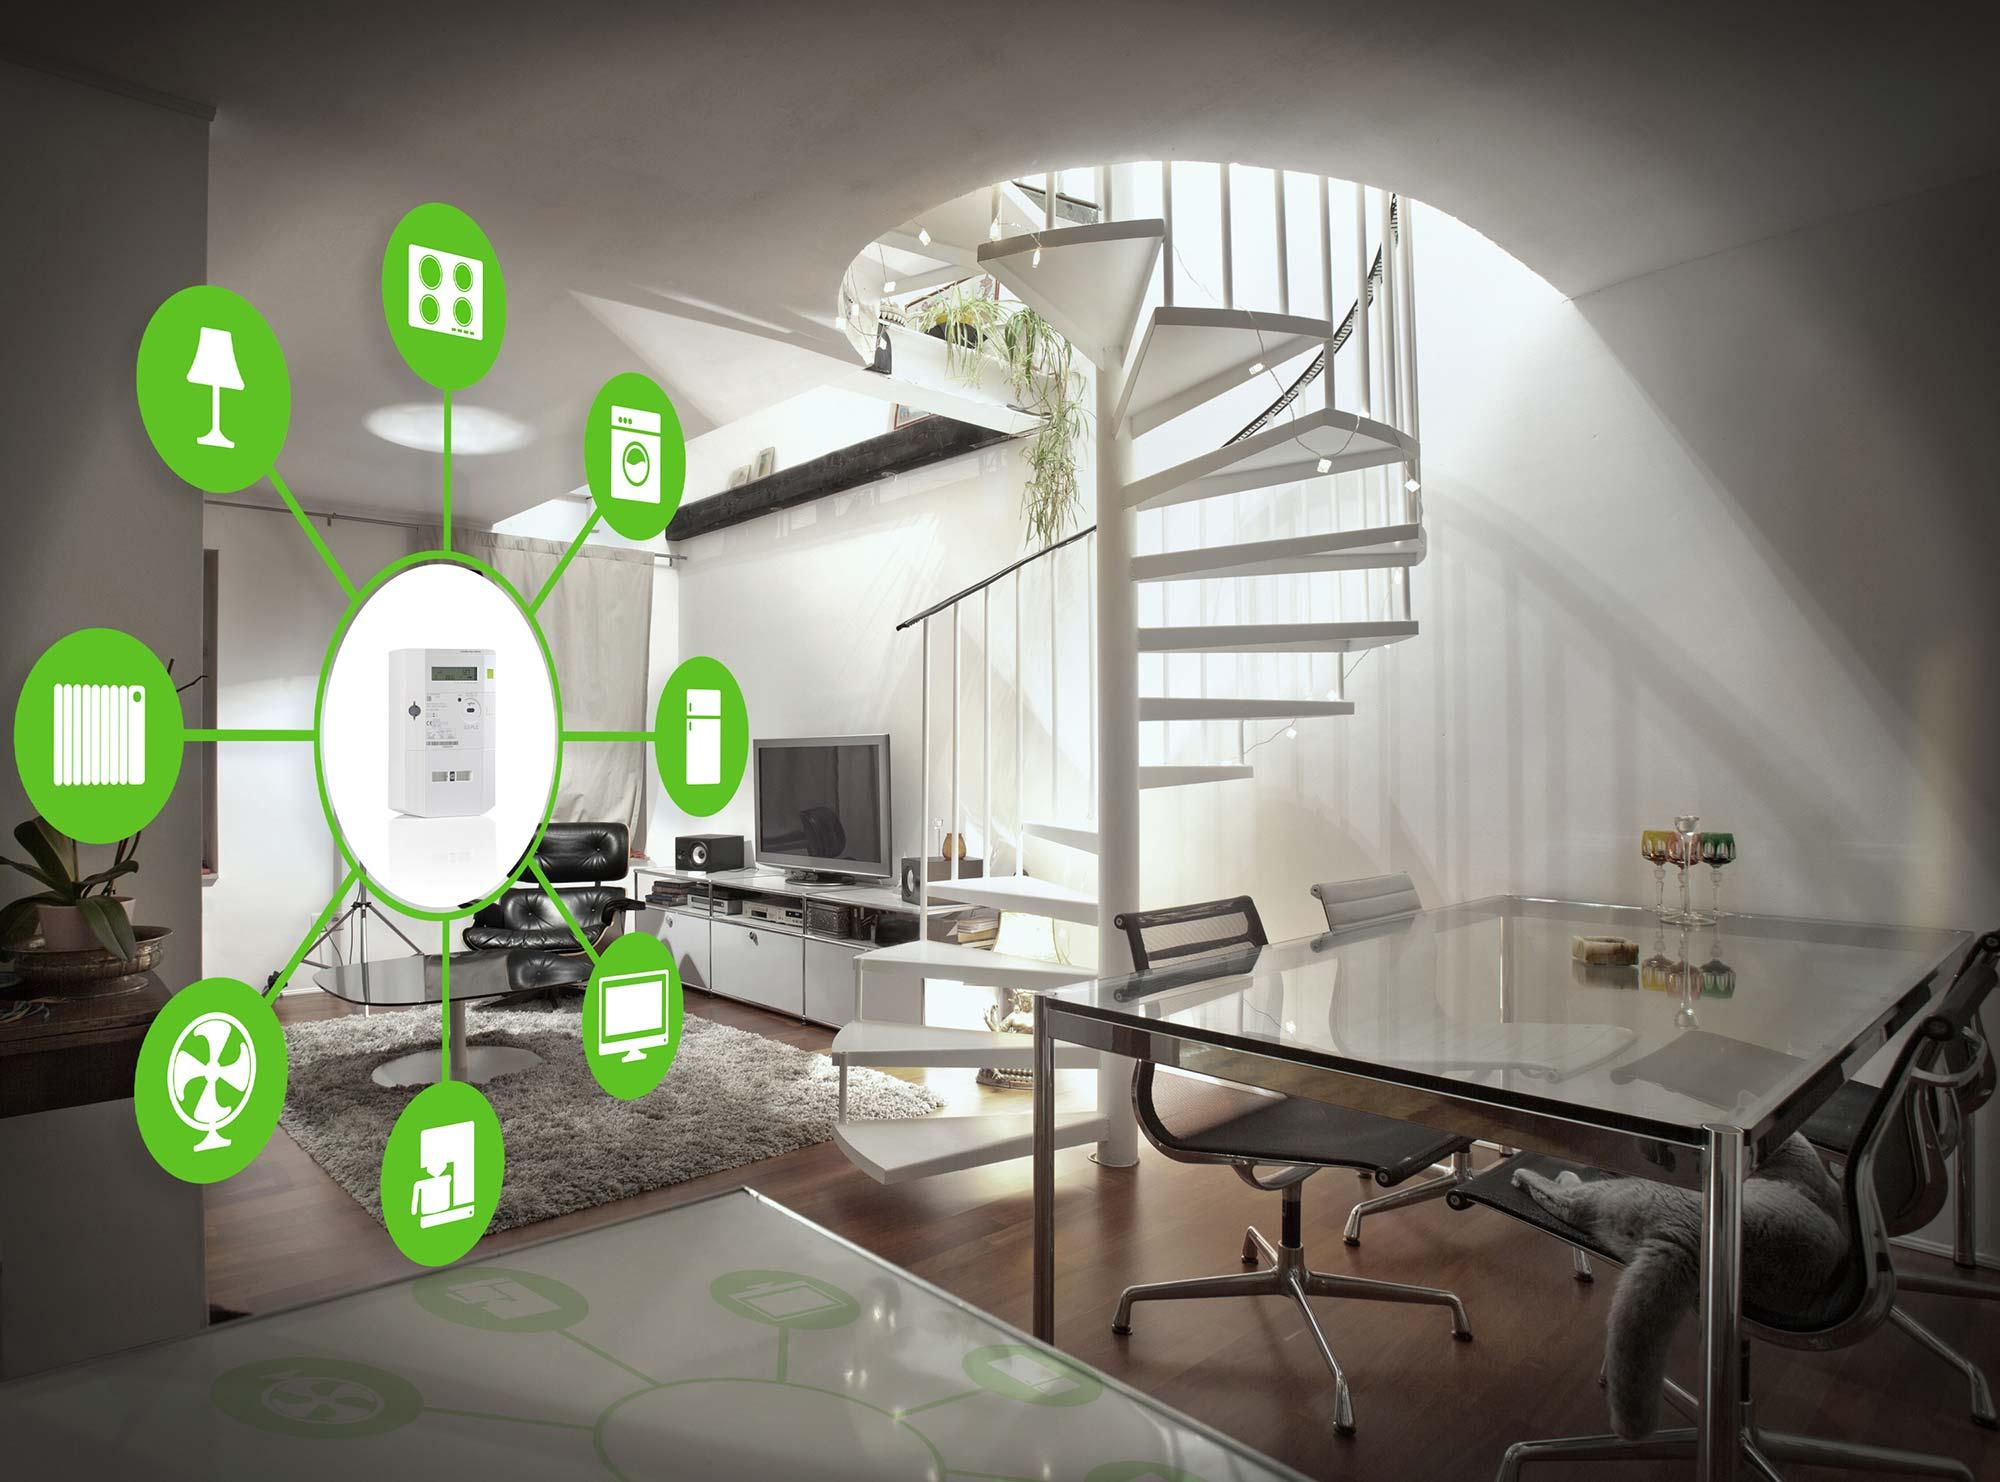 Landis+Gyr första leverantör i Europa att tilldelas IDIS-certifikat för den smarta mätartekniken G3-PLC